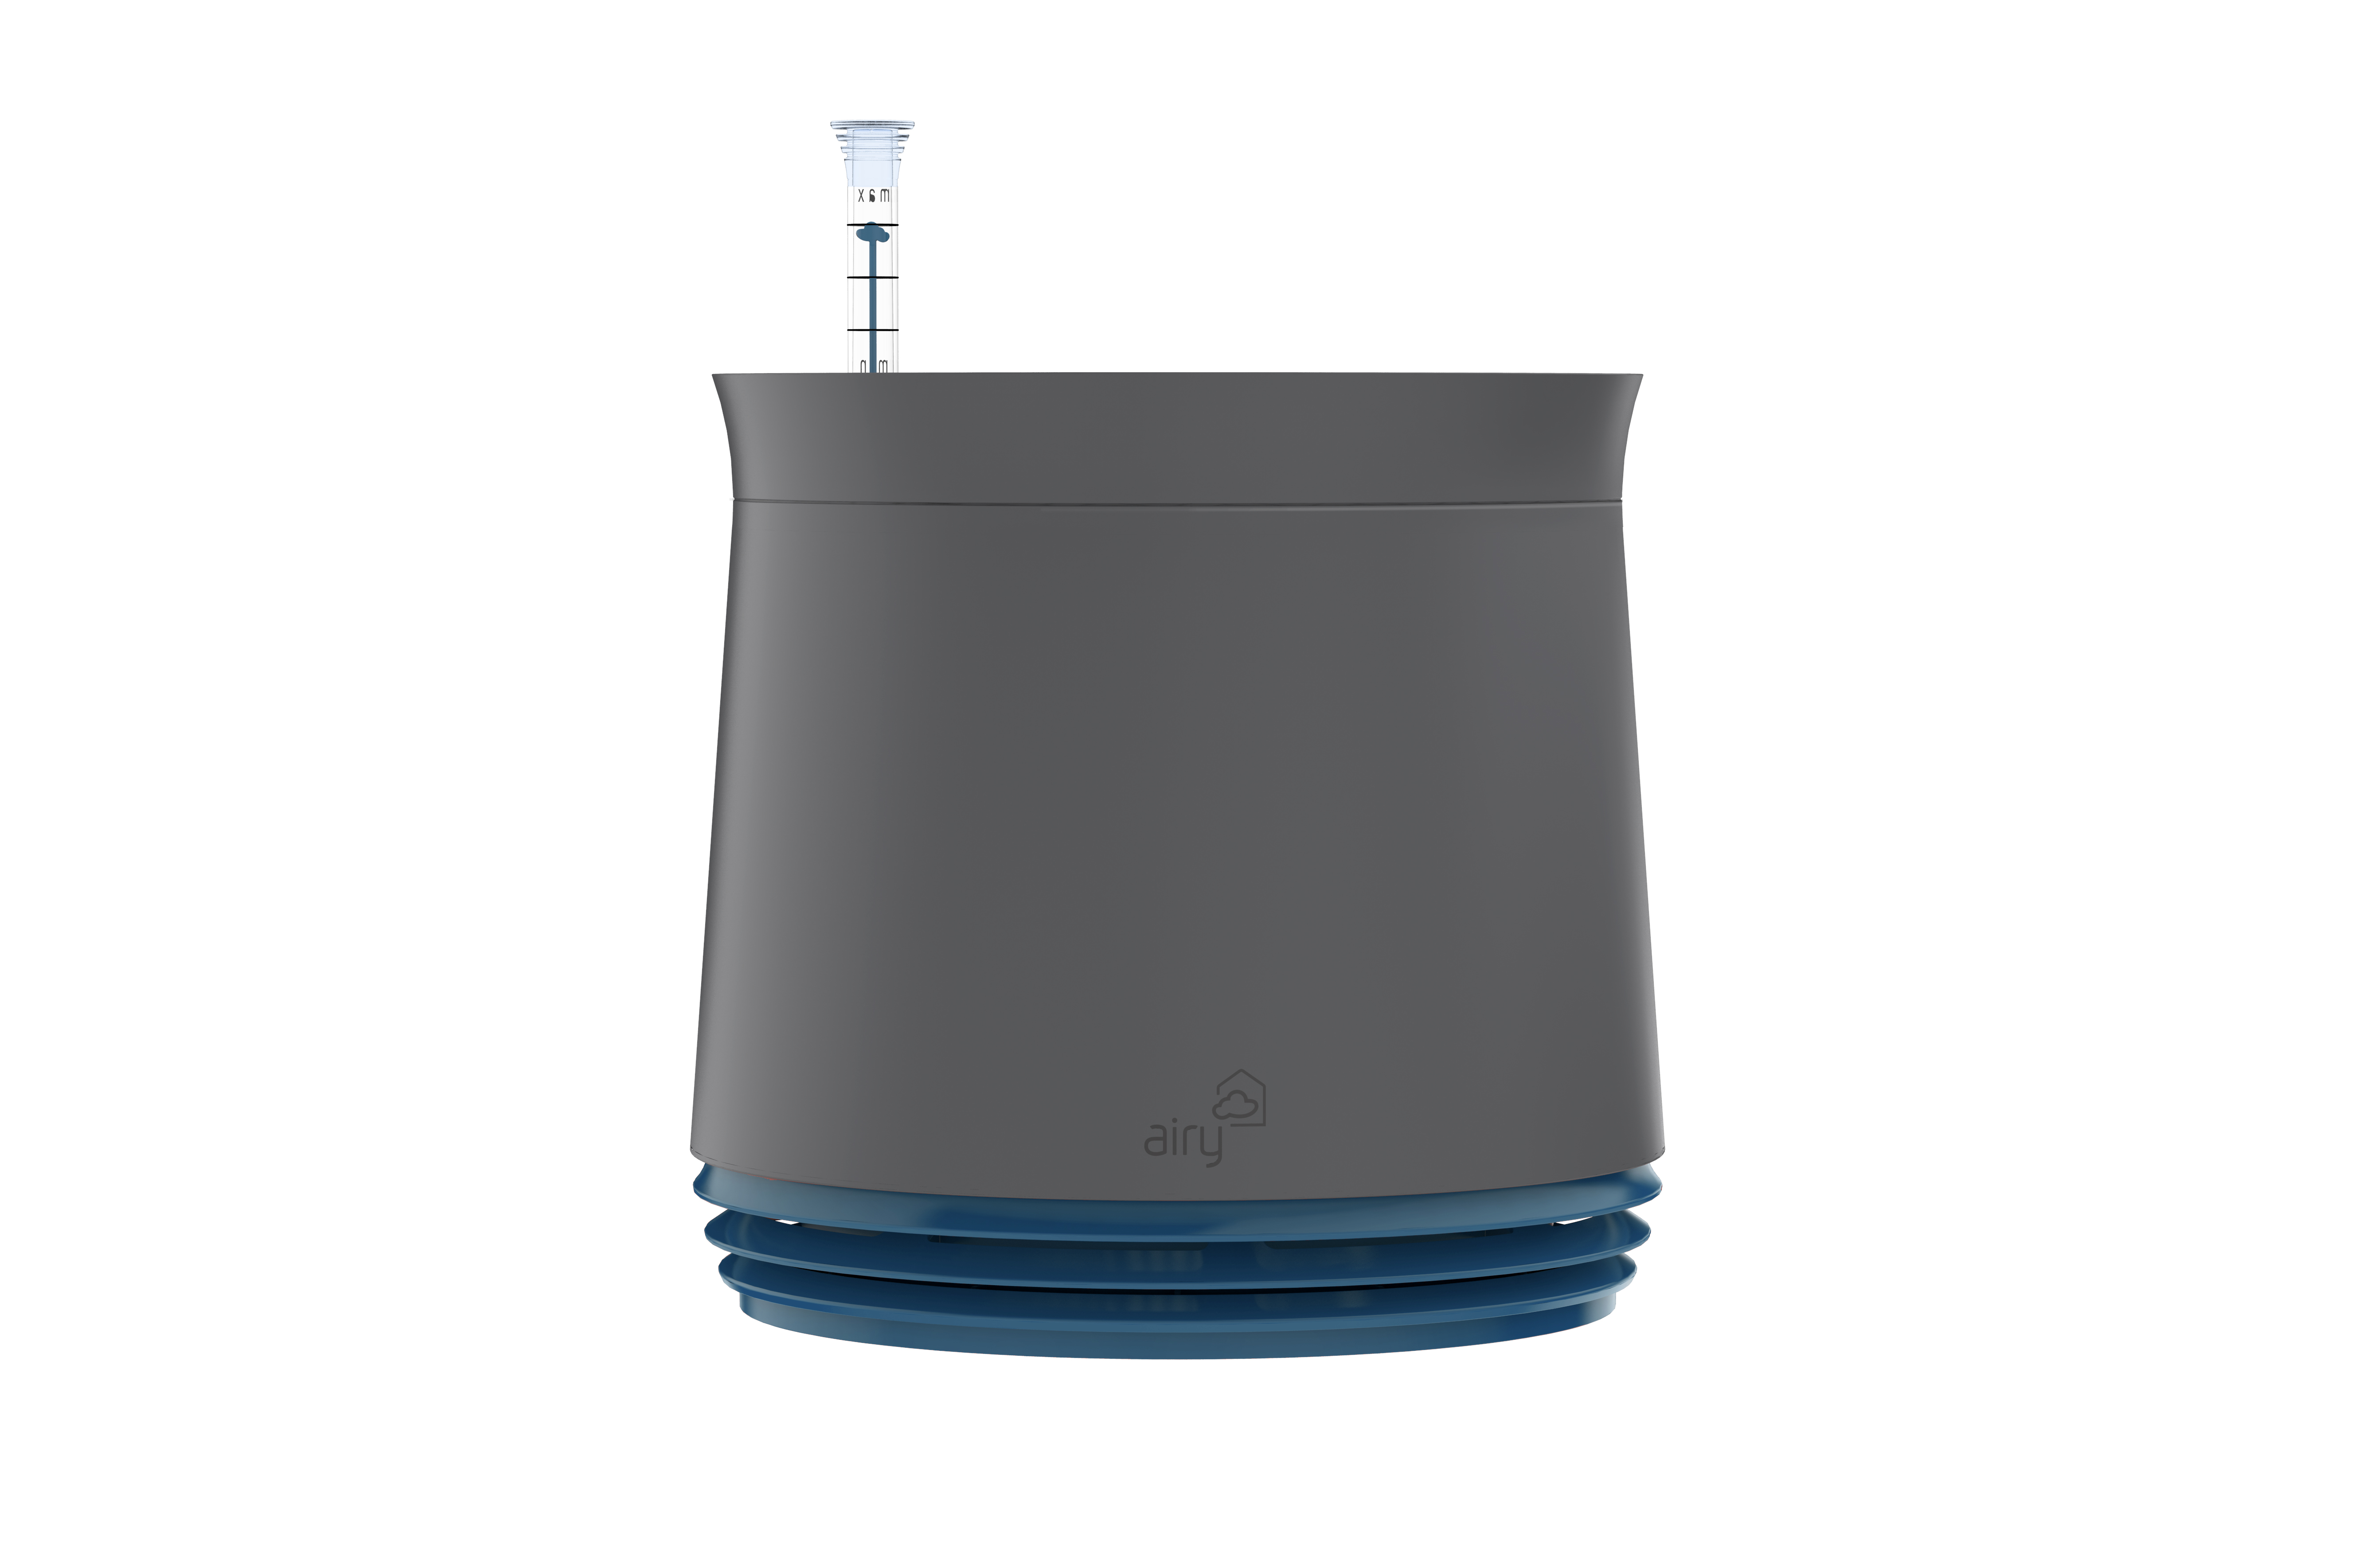 Purificator natural de aer cu ghiveci pentru plante Airy Grey / Space Blue